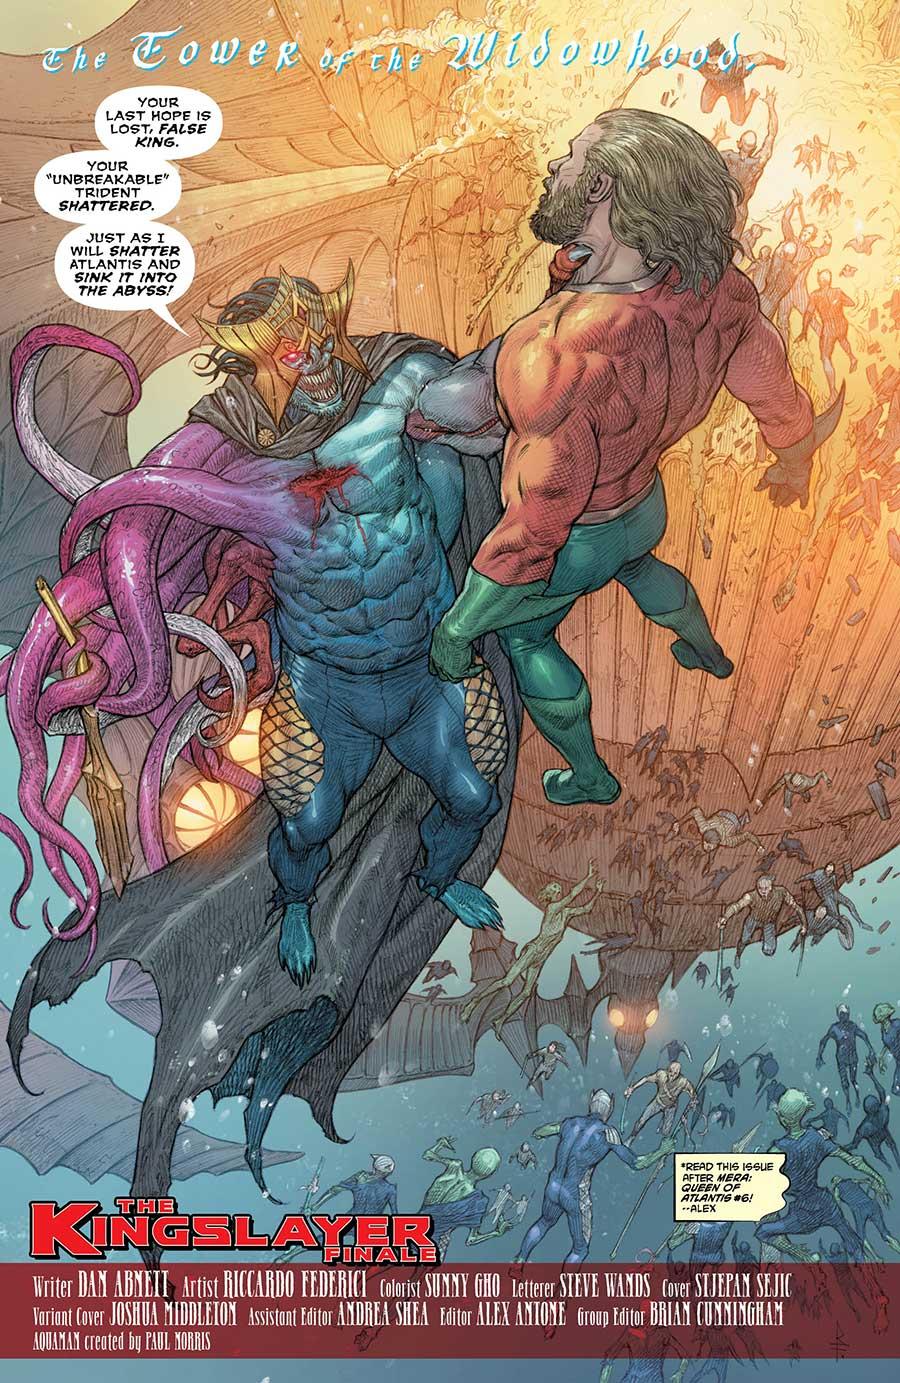 Aquaman 38-1 - DC Comics News